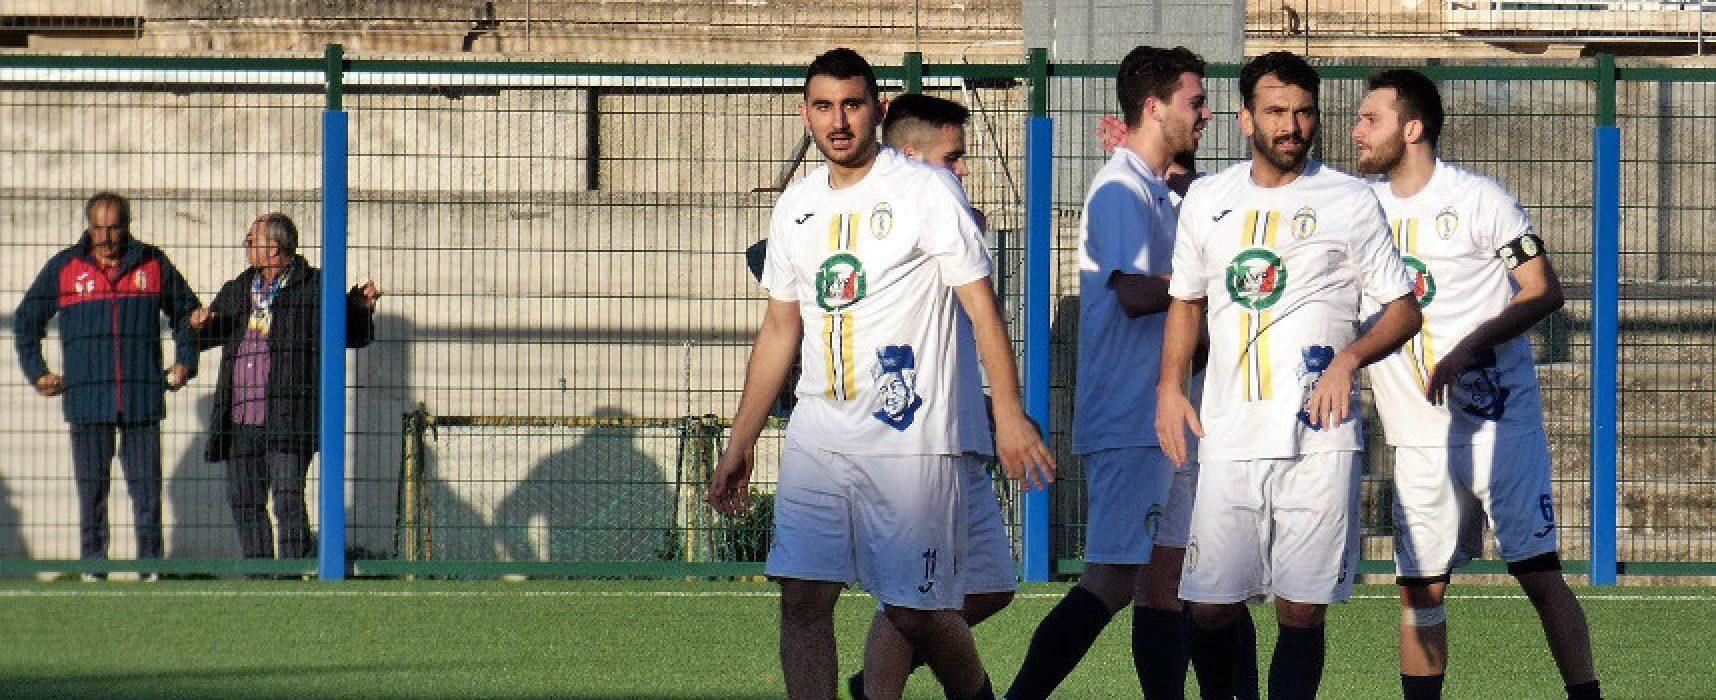 Don Uva, trasferta nel fortino dello Sporting Donia